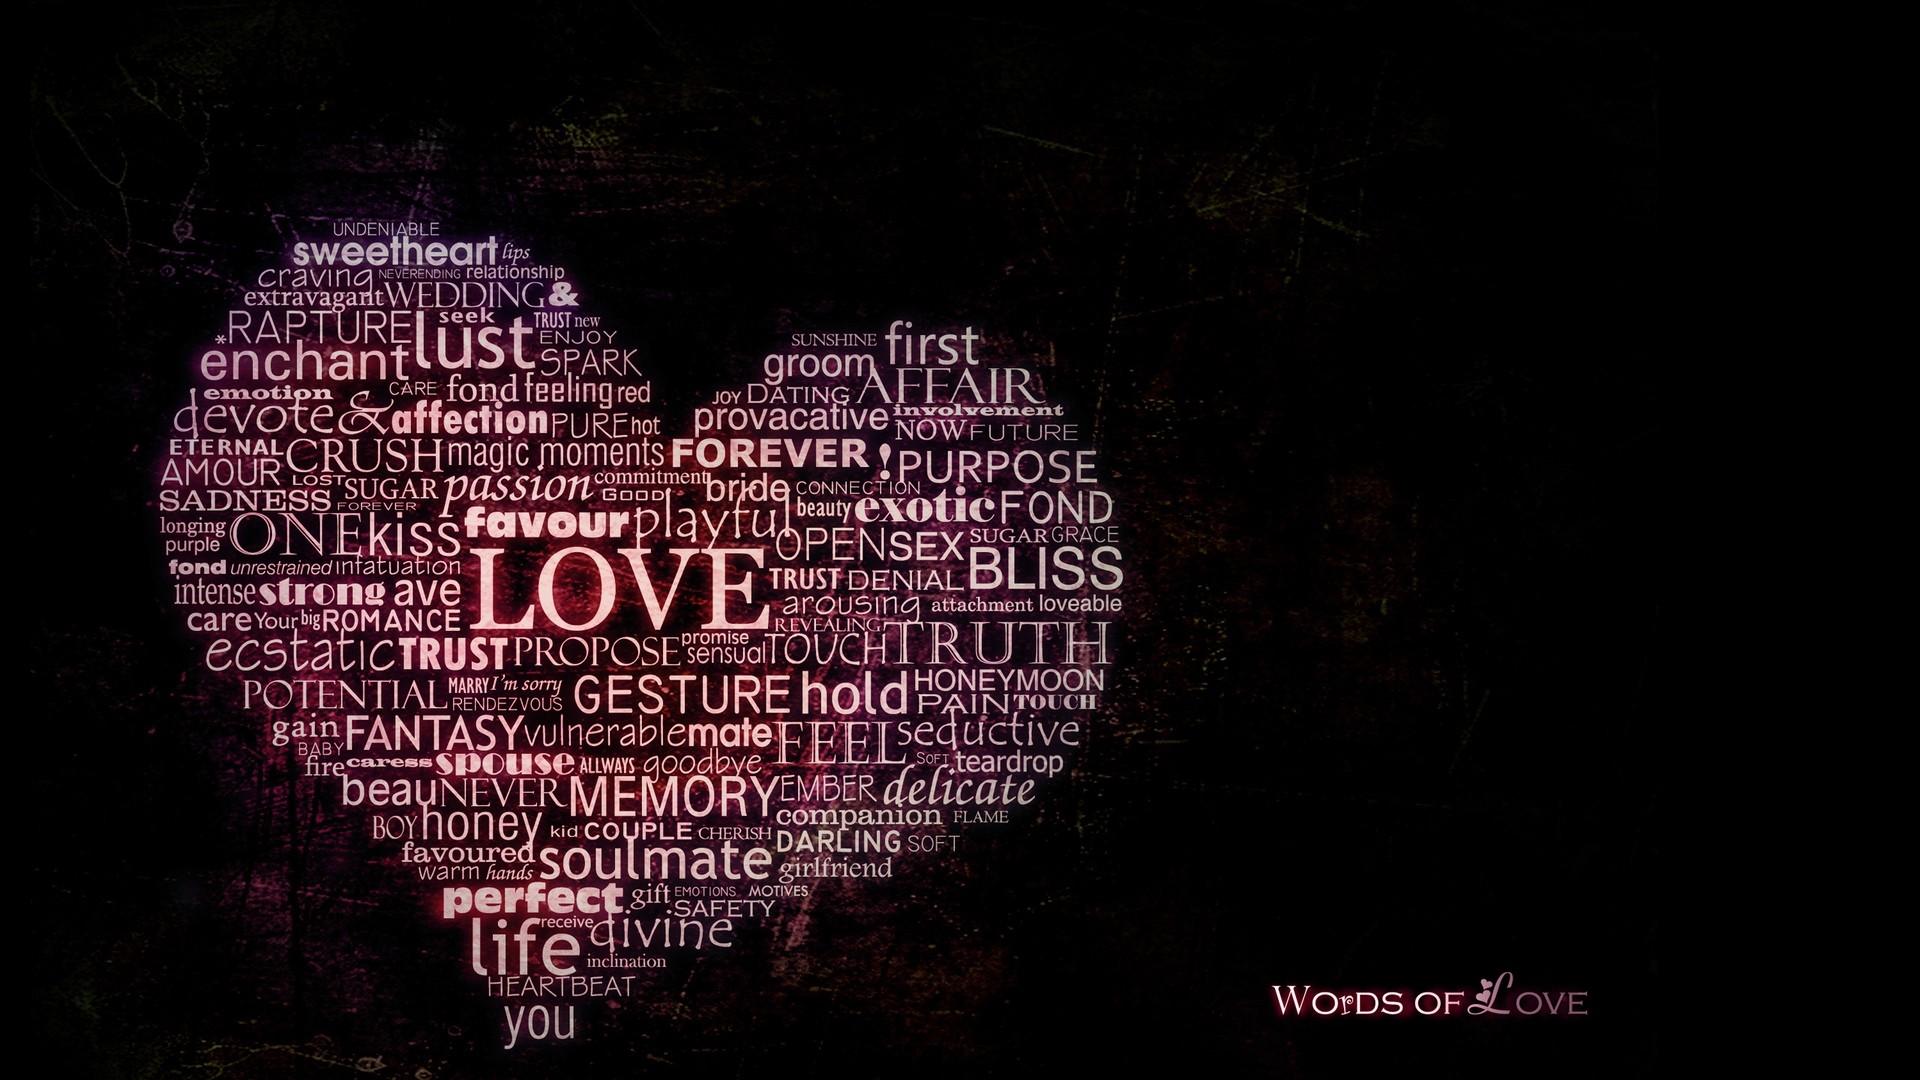 With Words hd desktop wallpaper